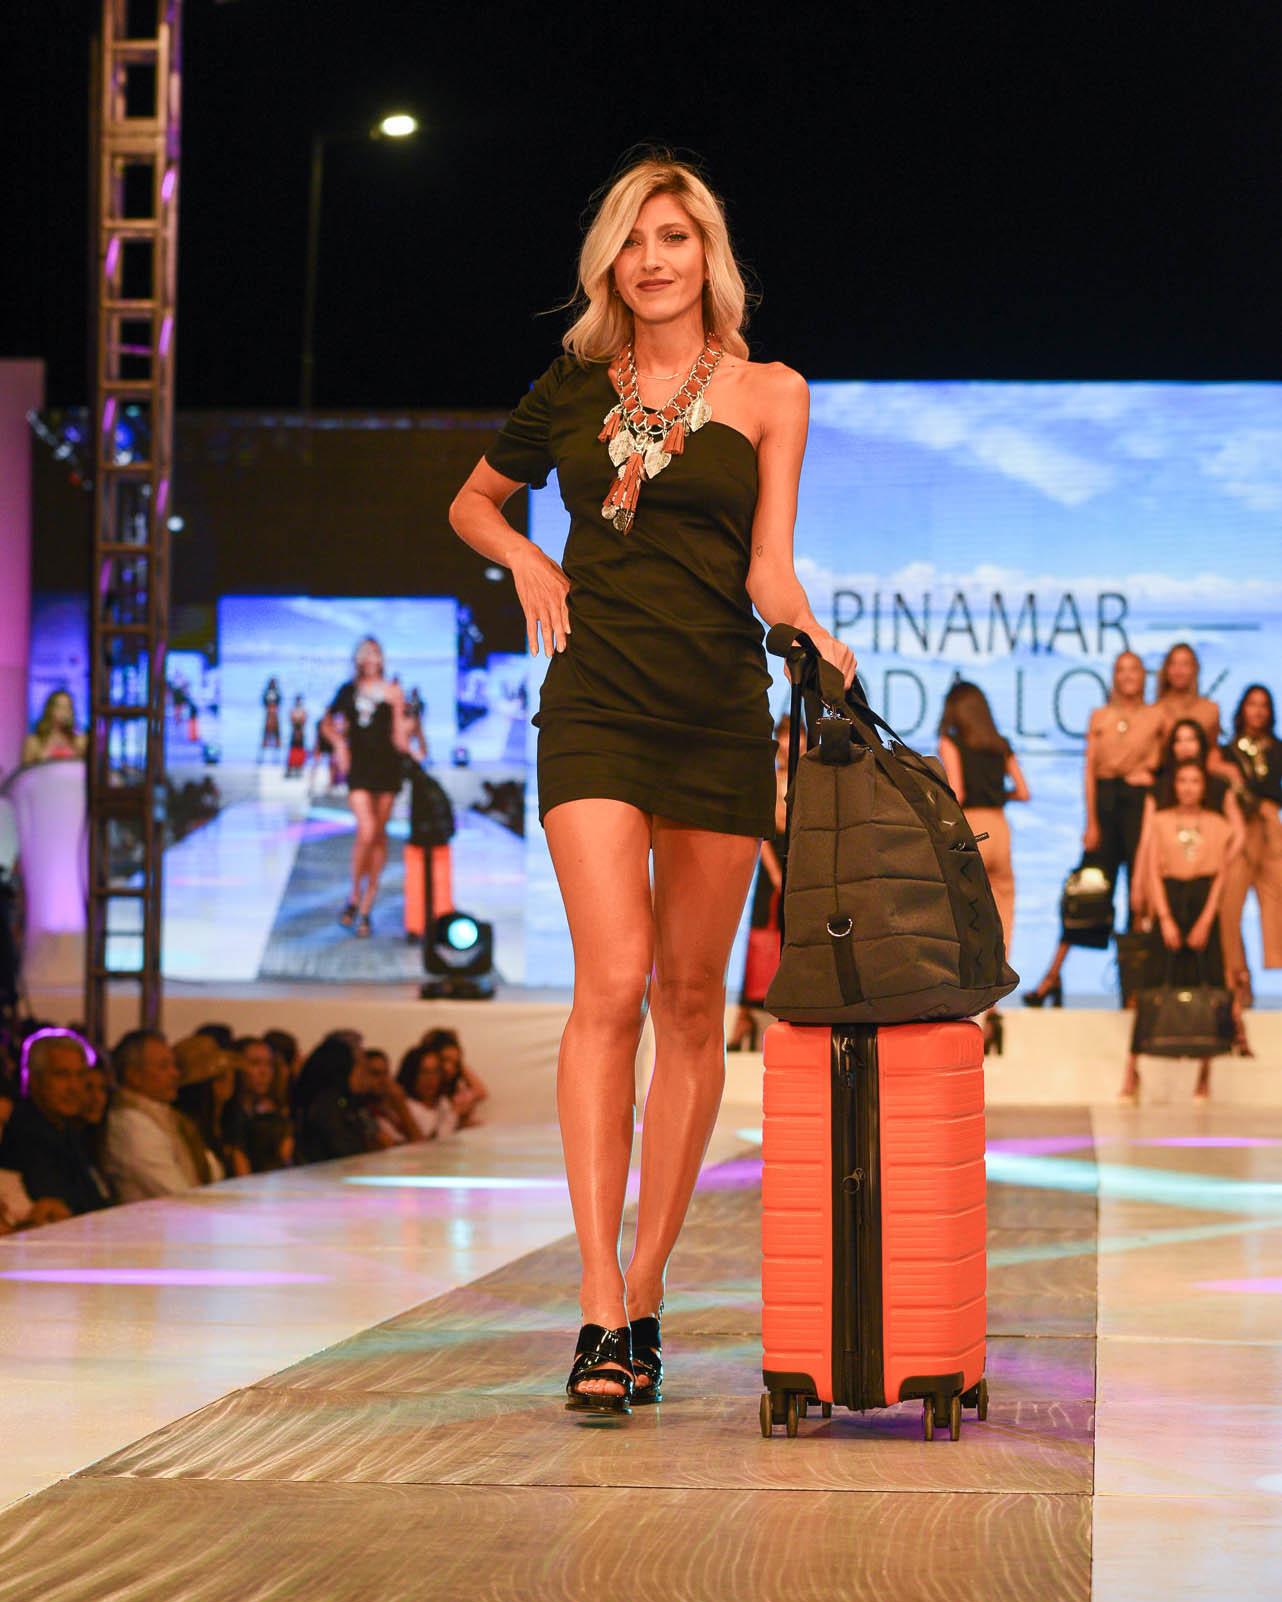 La firma Amayra presentó por segundo año consecutivo toda lo que se viene en carteras, mochilas, bandoleras, valijas, accesorios. La pasada la cerró una vez más Ruggeri, con una elegante opción de carry on